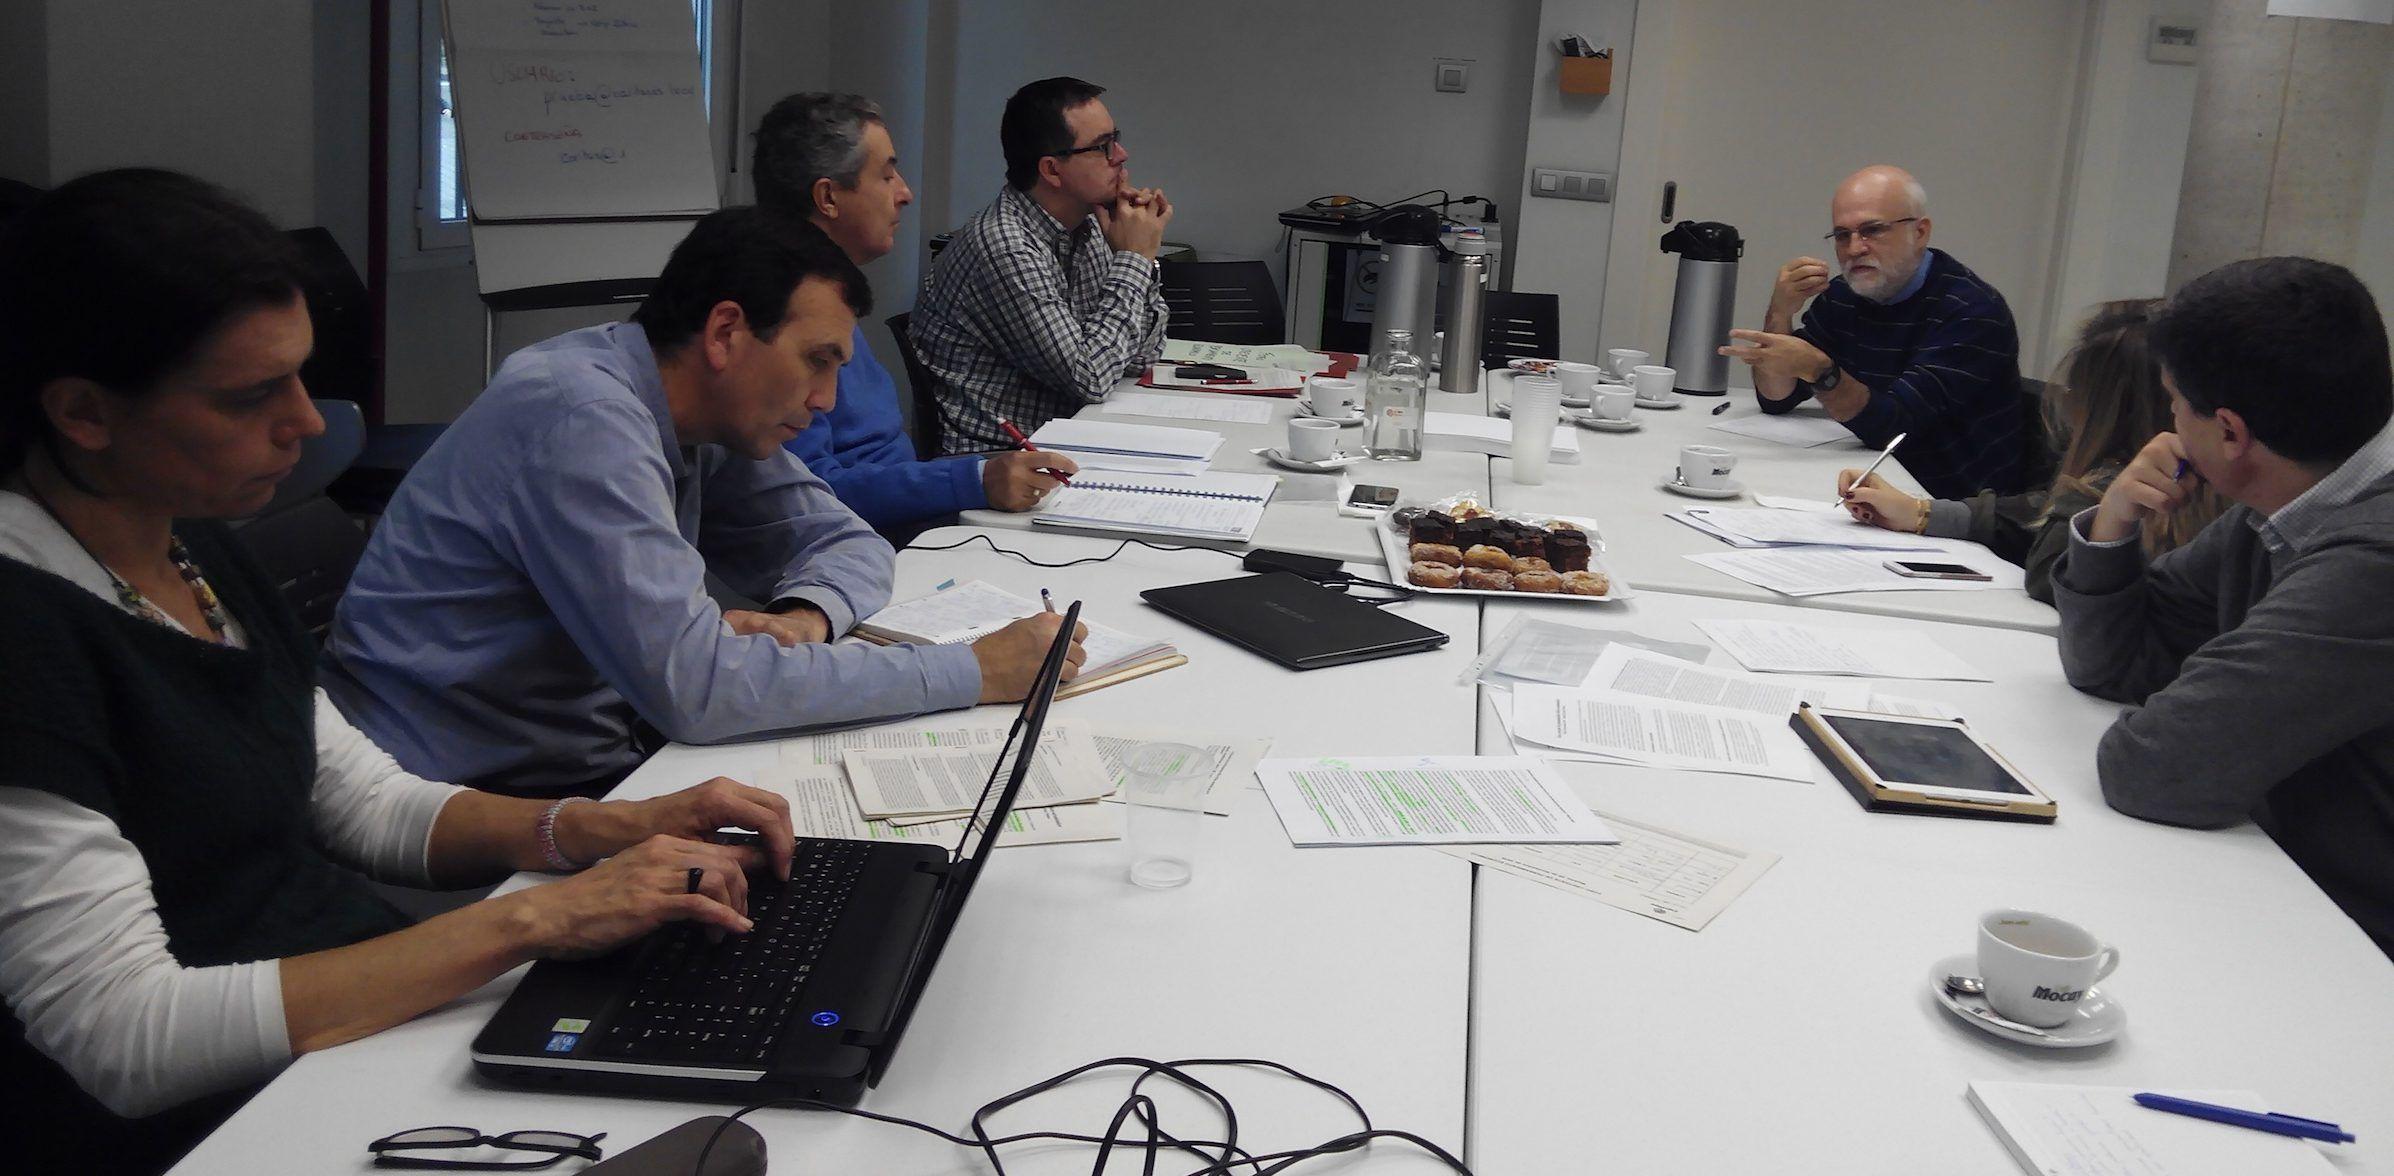 Una de las reuniones del Foro Creyente de Pensamiento Ético Económico, en Madrid, para la elaboración del documento.